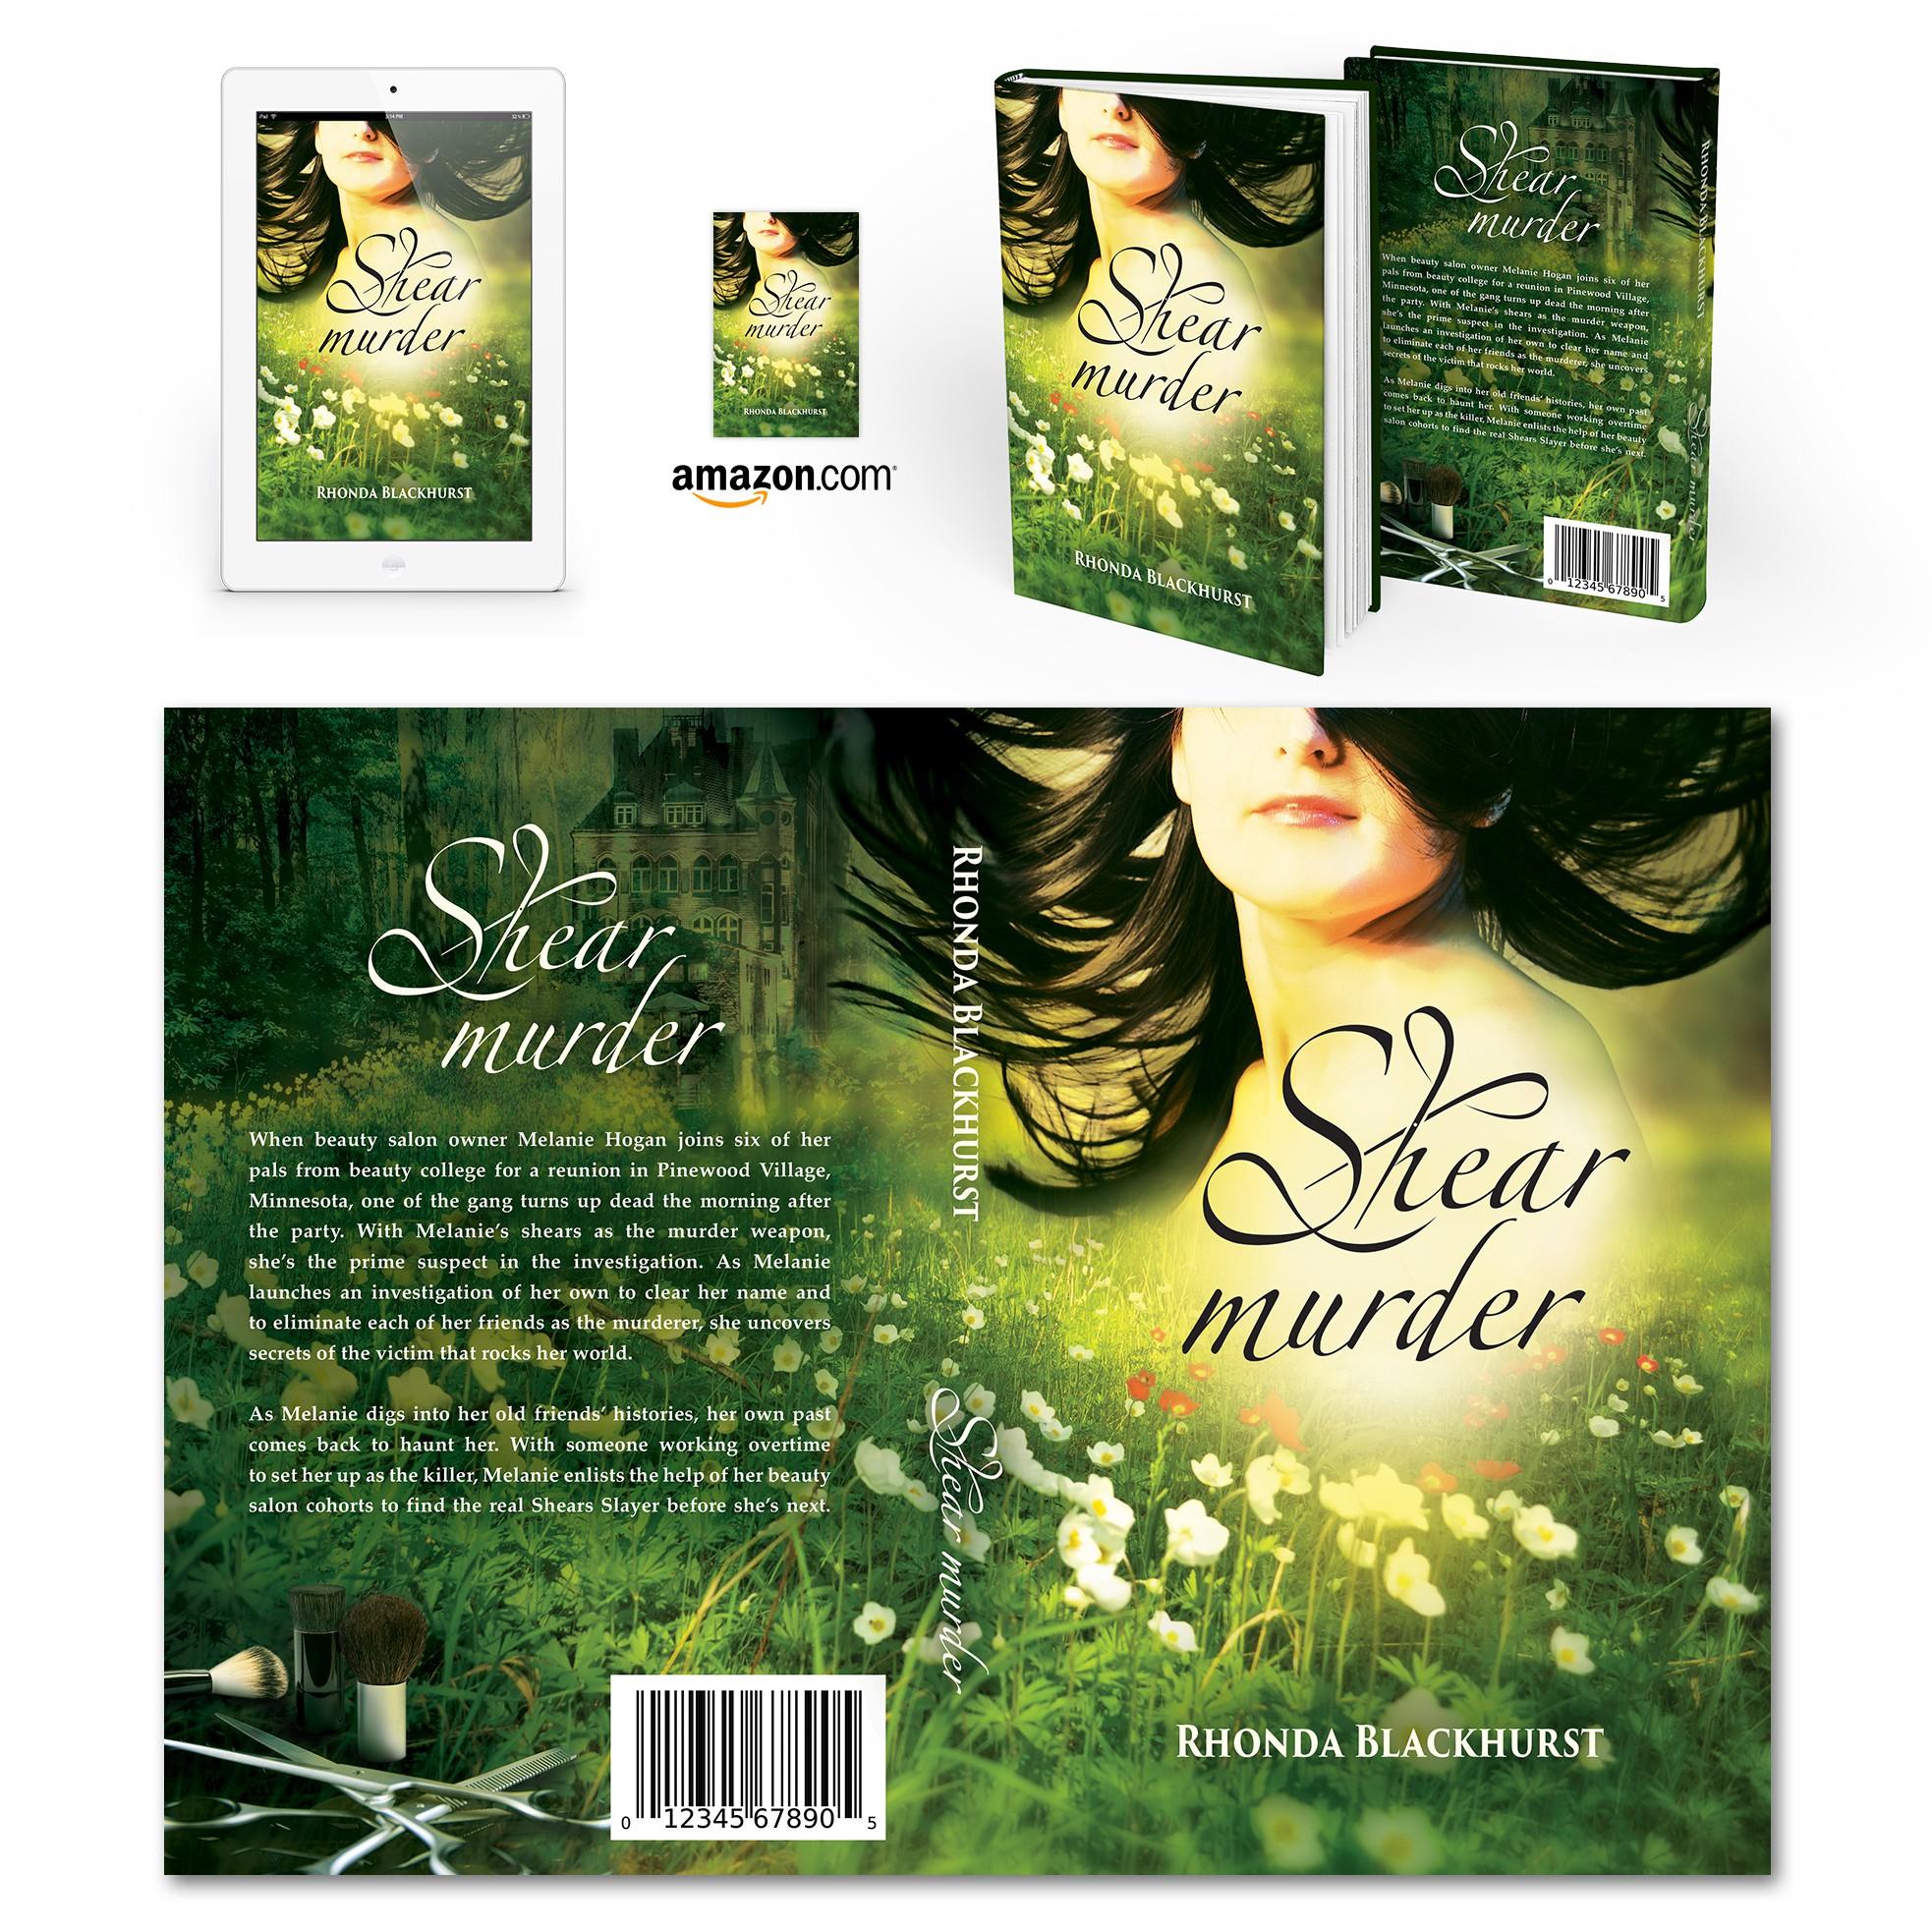 Shear Murder Book Cover